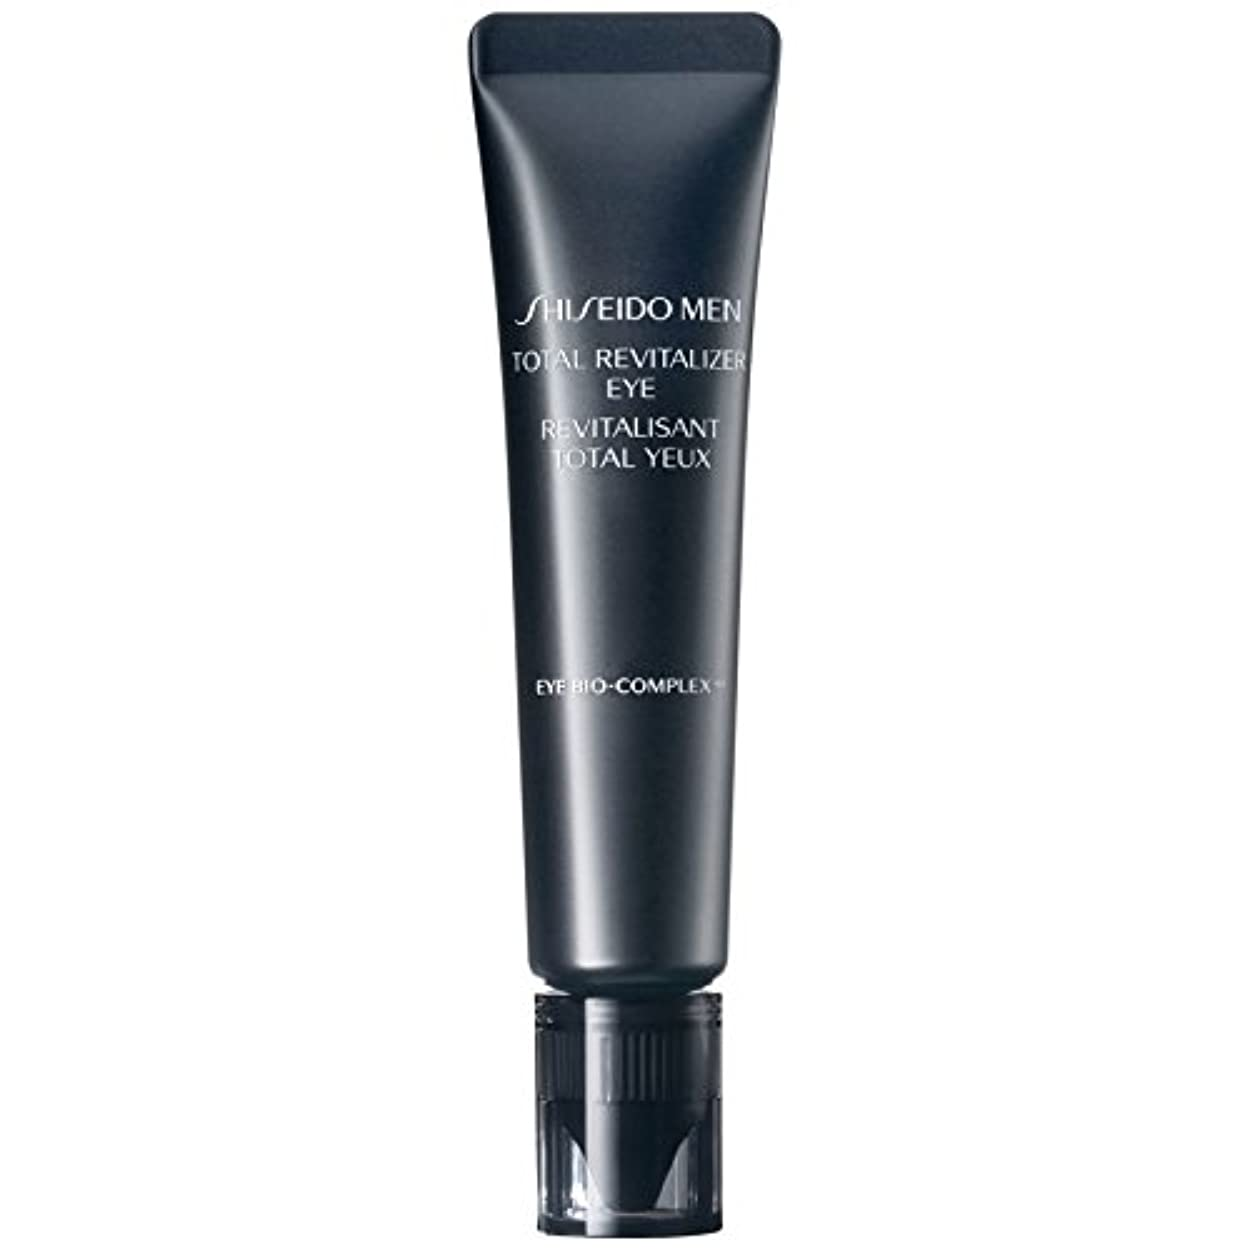 環境保護主義者鈍い混乱した[Shiseido] 資生堂の男性は滋養強壮、アイクリーム15ミリリットル合計します - Shiseido Men Total Revitalizer Eye Cream 15ml [並行輸入品]